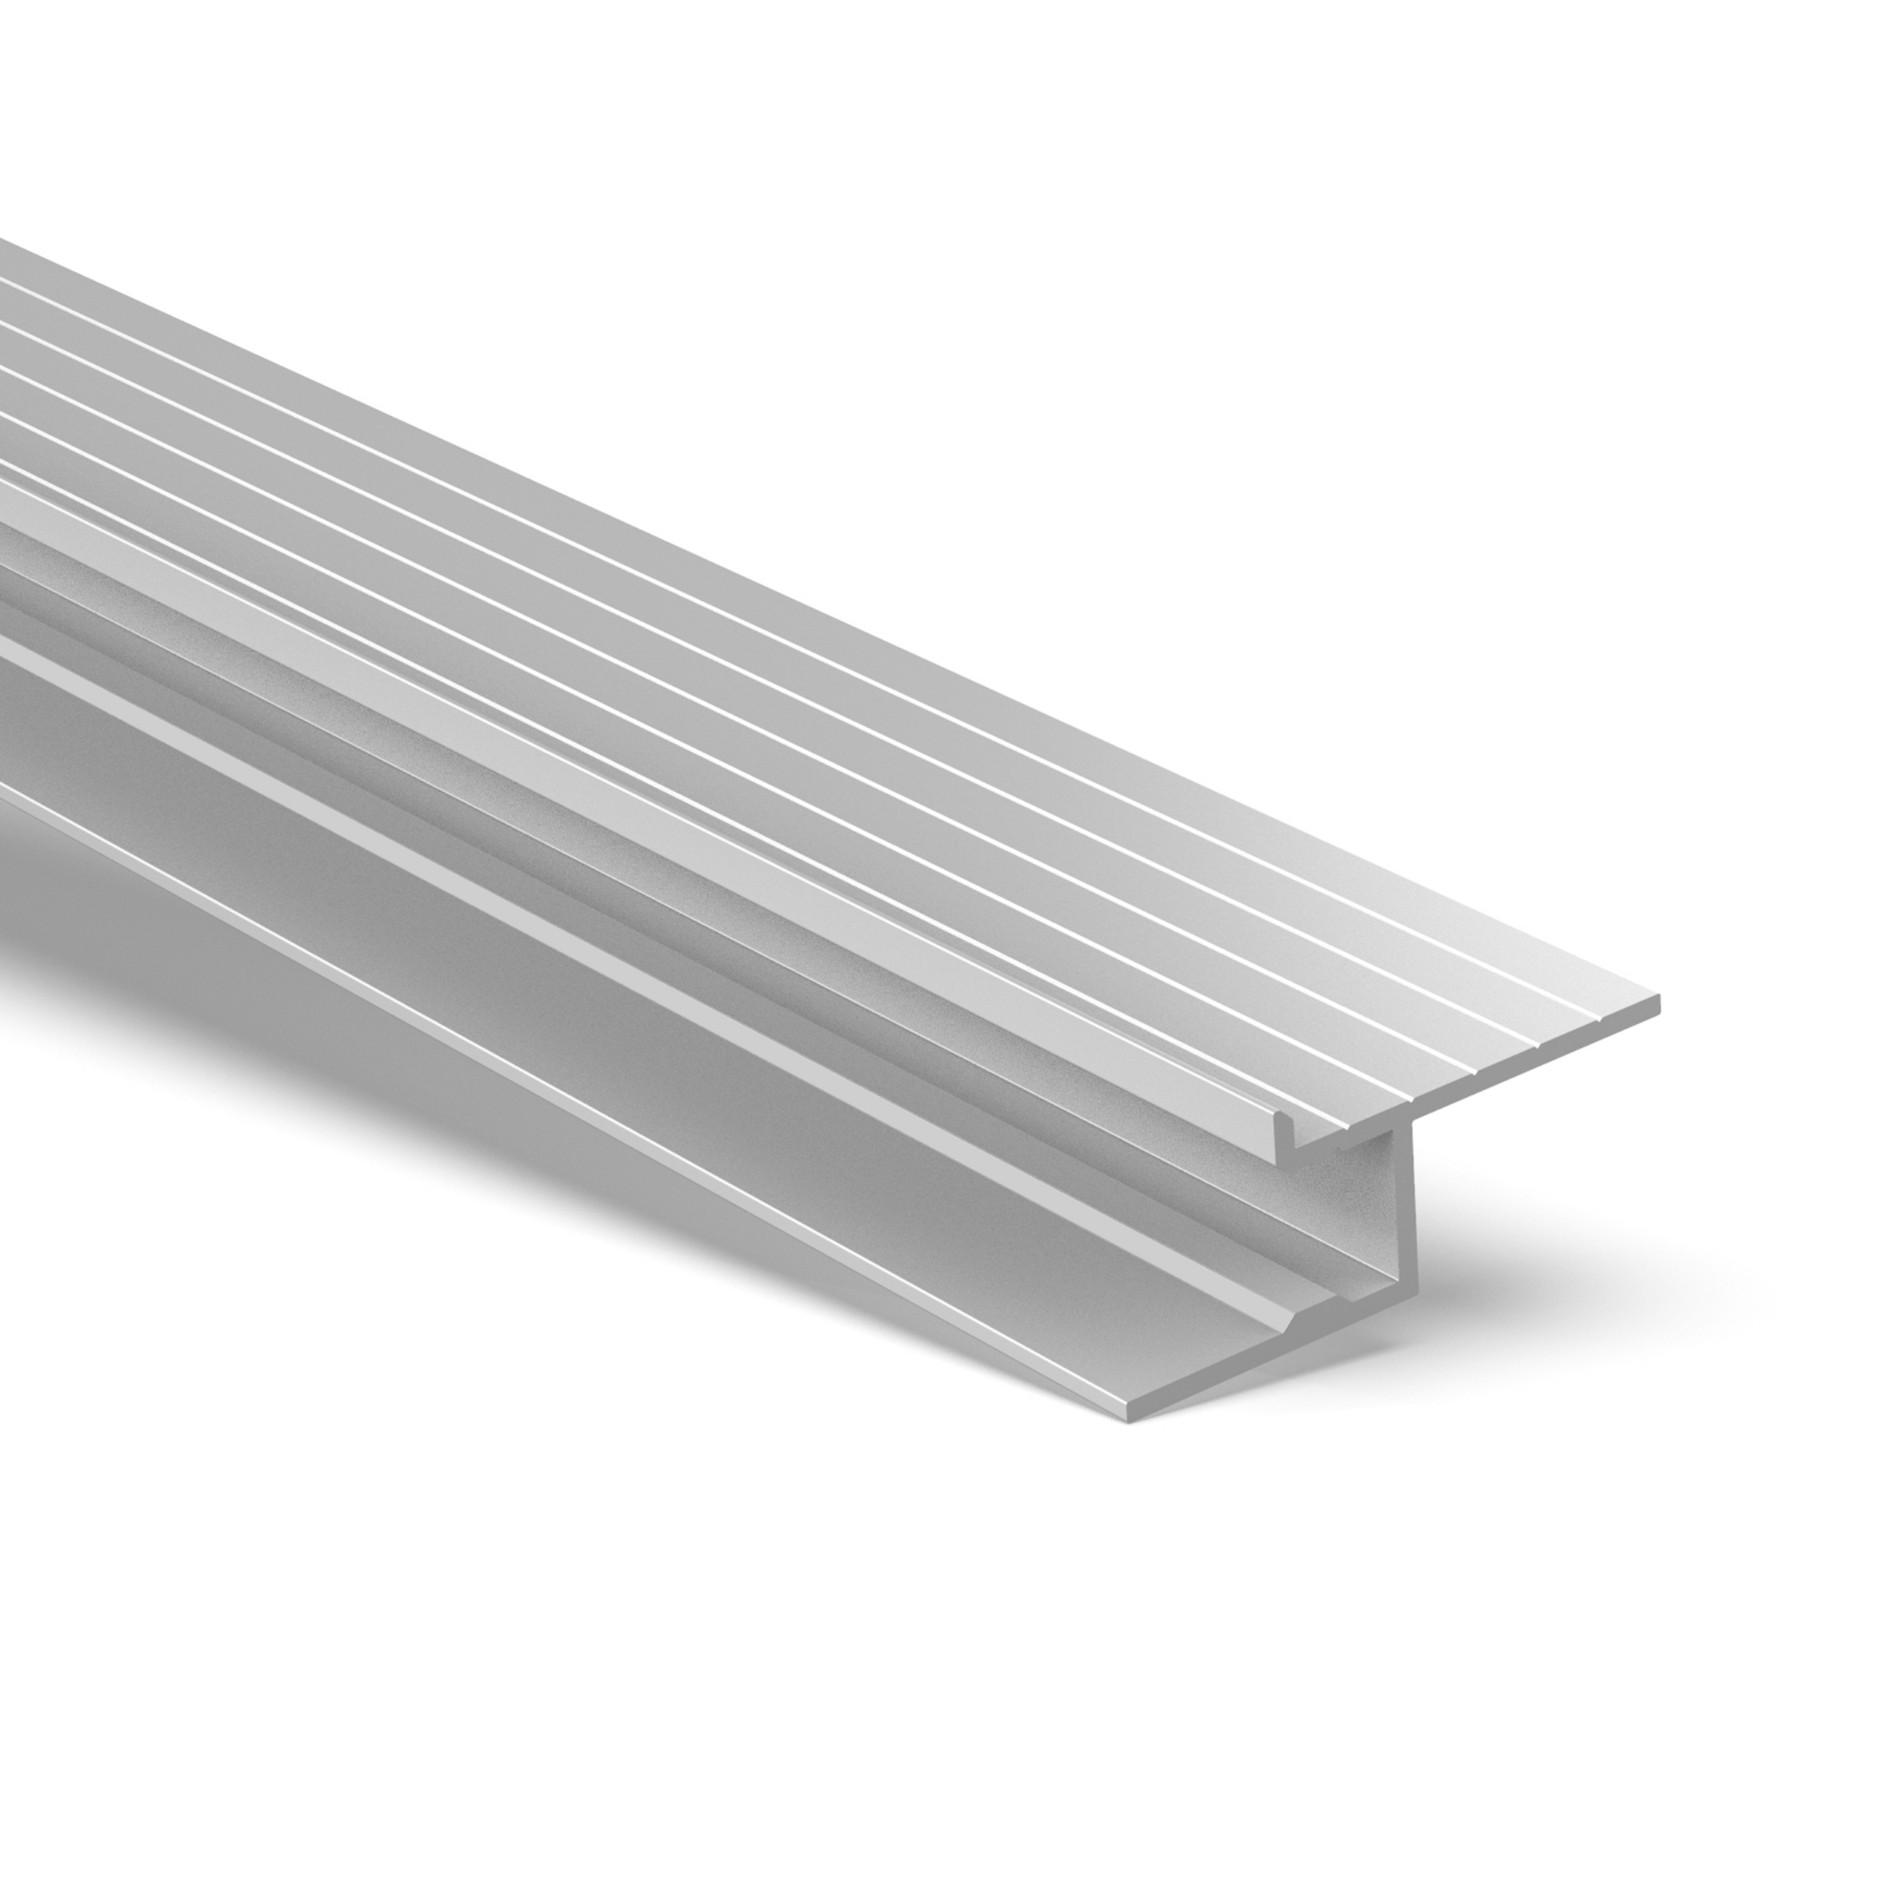 CT8 Trimless Aluminium Extrusions für Deckendecken 42,5x12mm